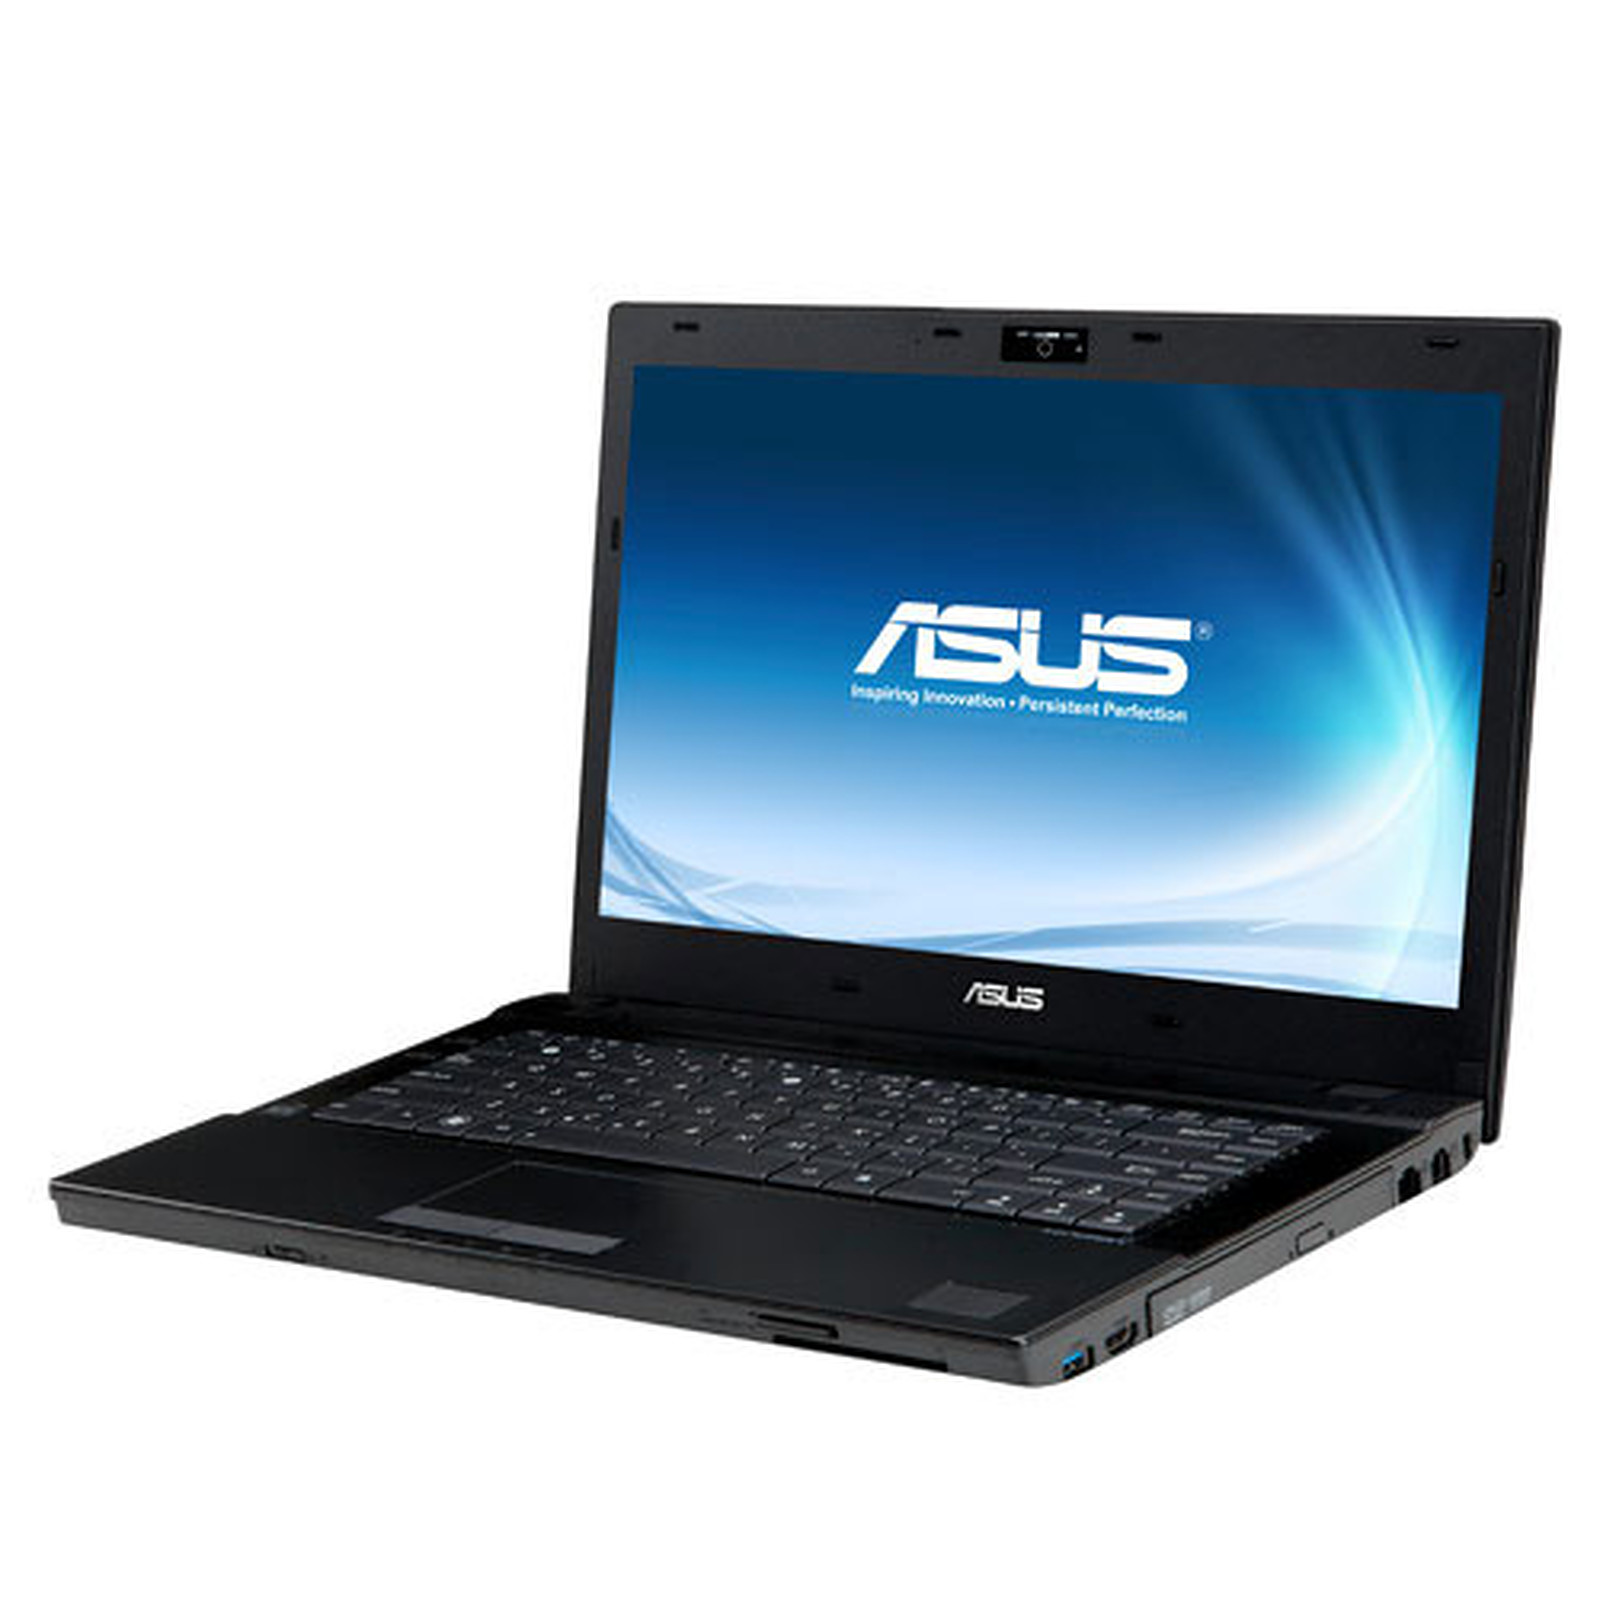 ASUS B53S-SO076X